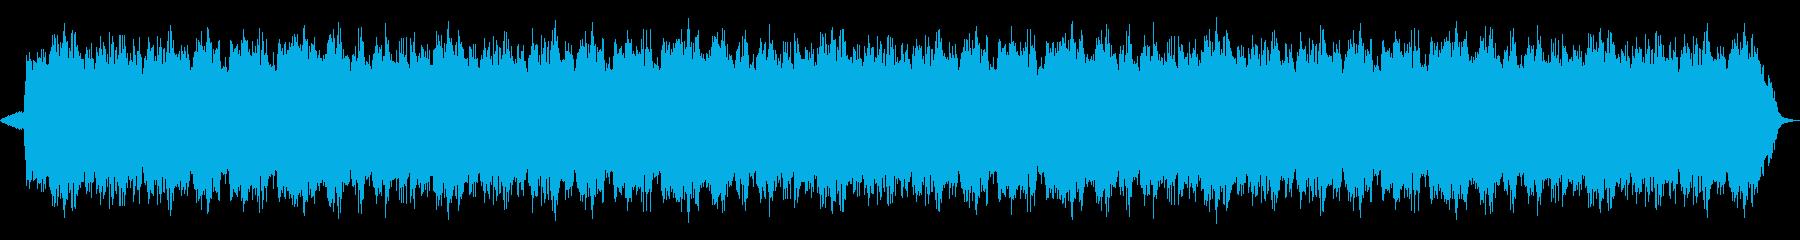 心を癒すヒーリングミュージックの再生済みの波形